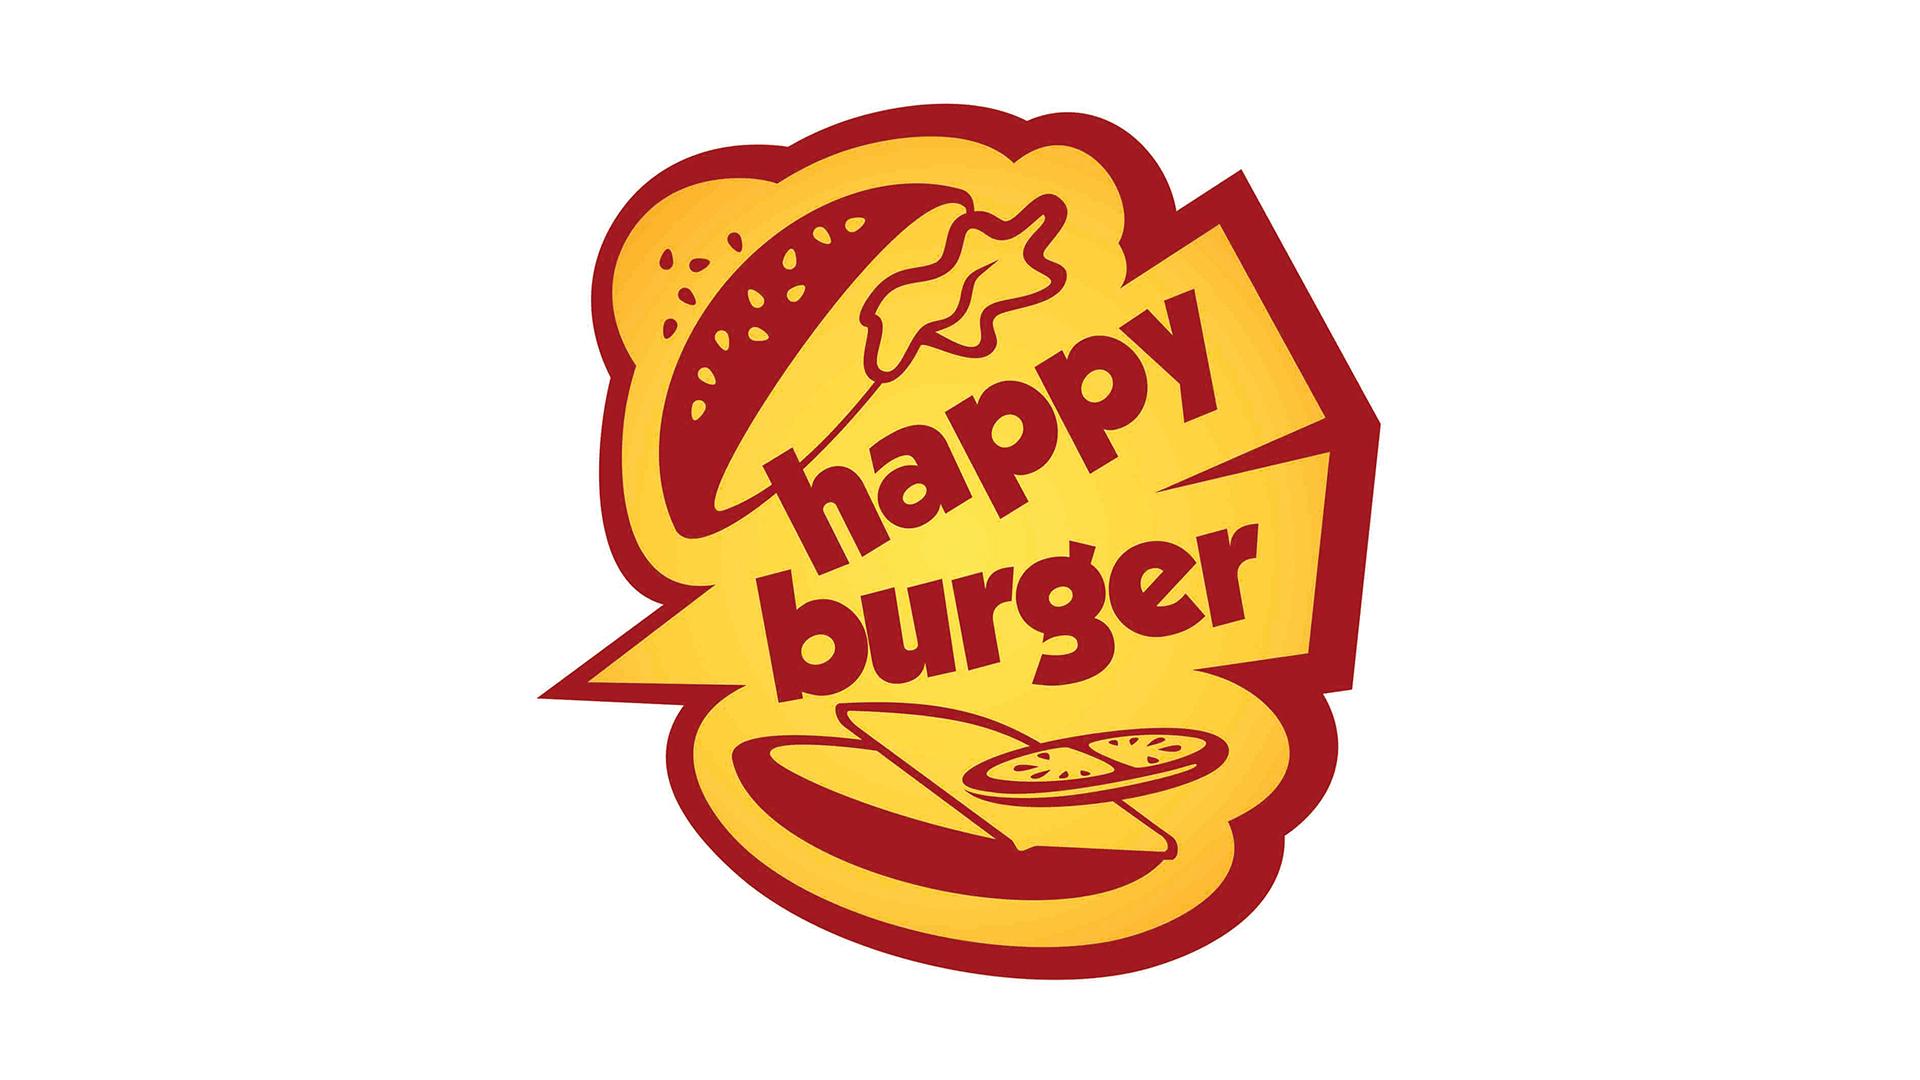 HAPPY BURGER - Logotipo